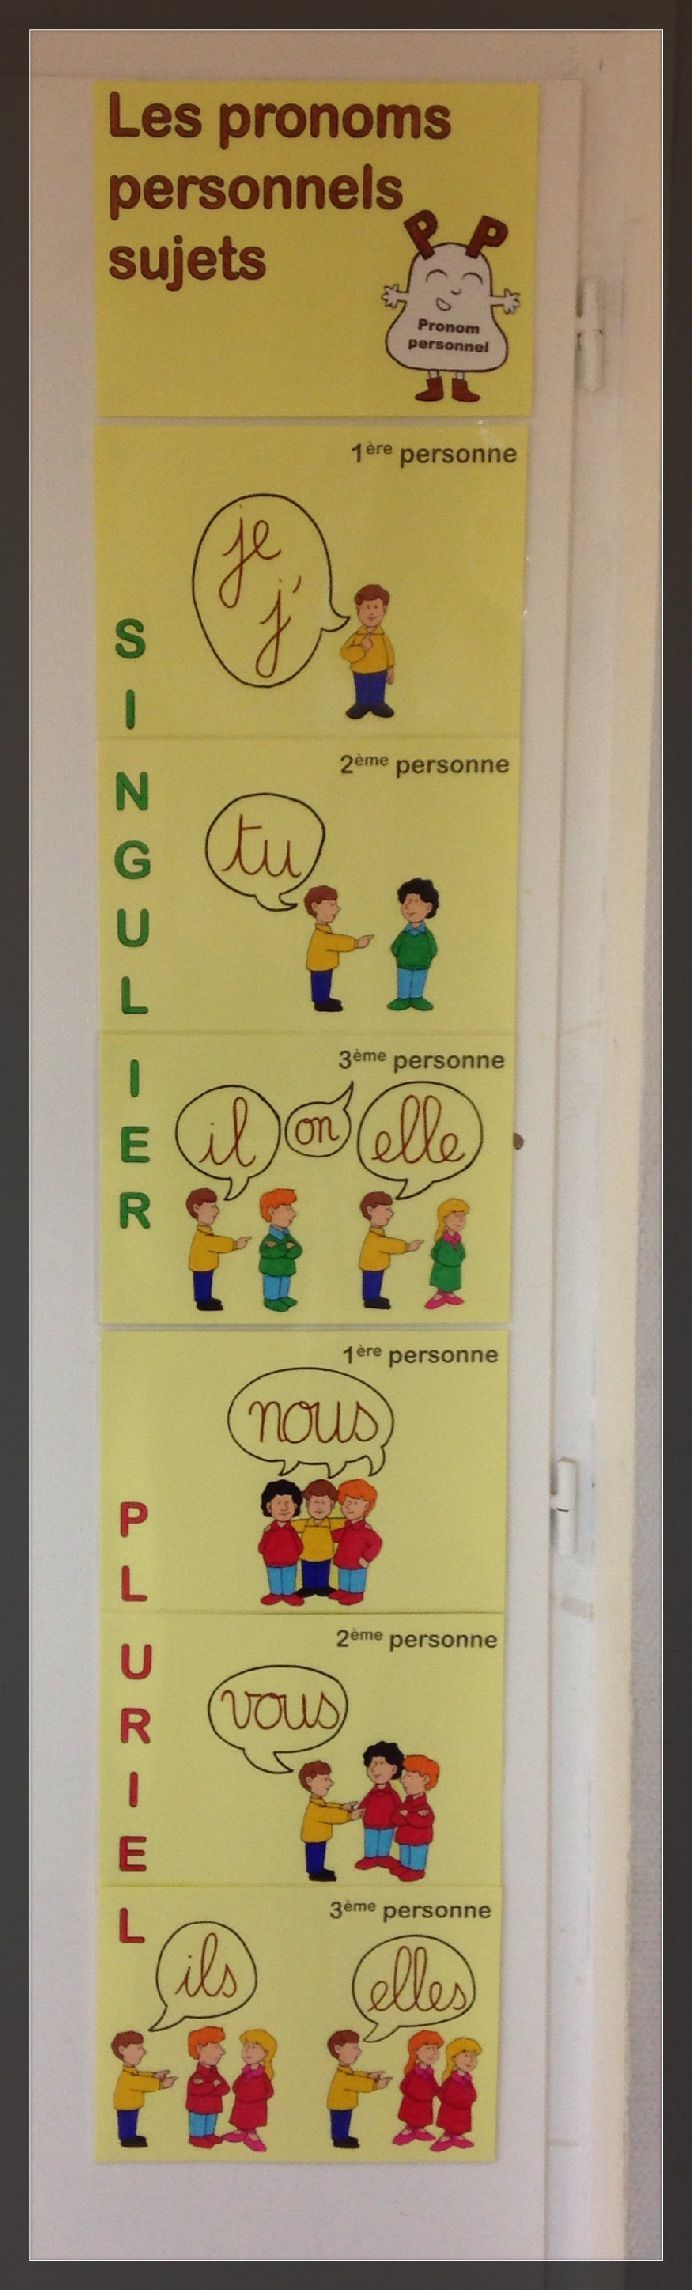 French pronouns: pronoms personnels